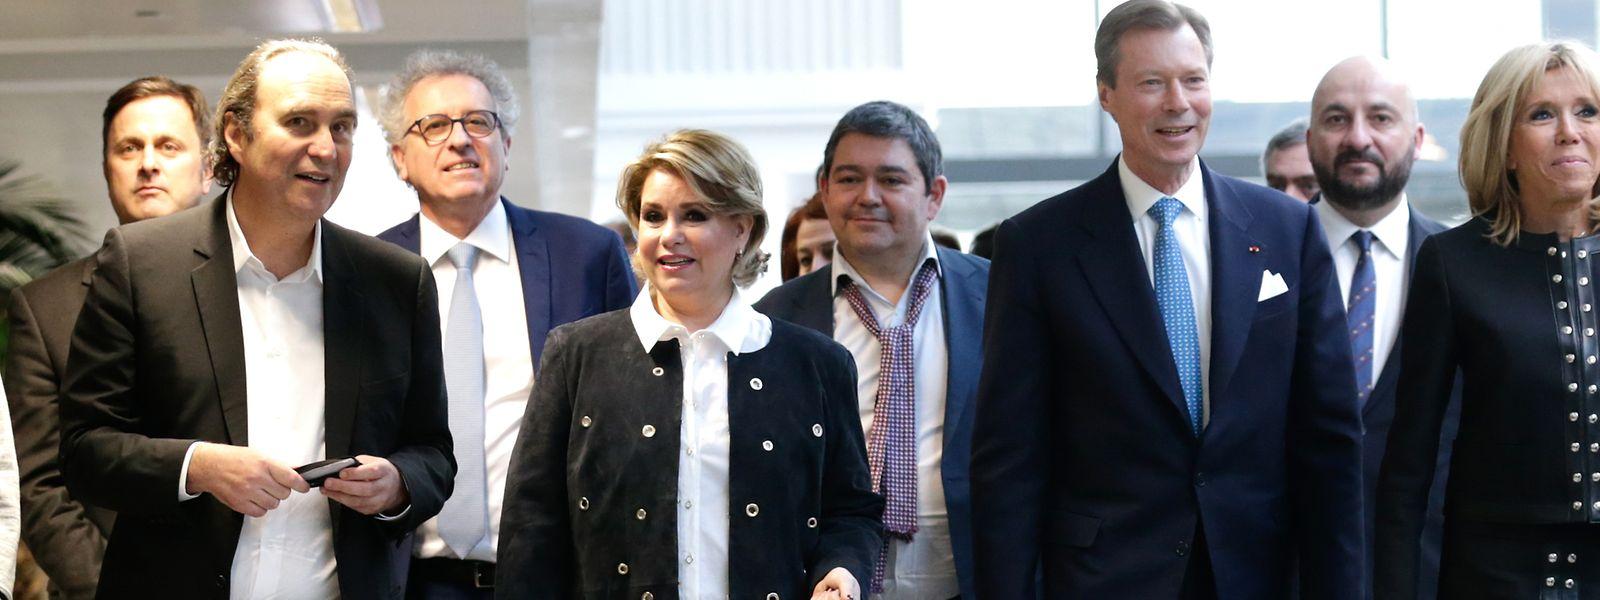 En 2018, Xavier Niel (à gauche) avait reçu une délégation impressionnante pour la visite de son campus de start-up Station F, à Paris.Il est aujourd'hui épinglé par l'enquête OpenLux.